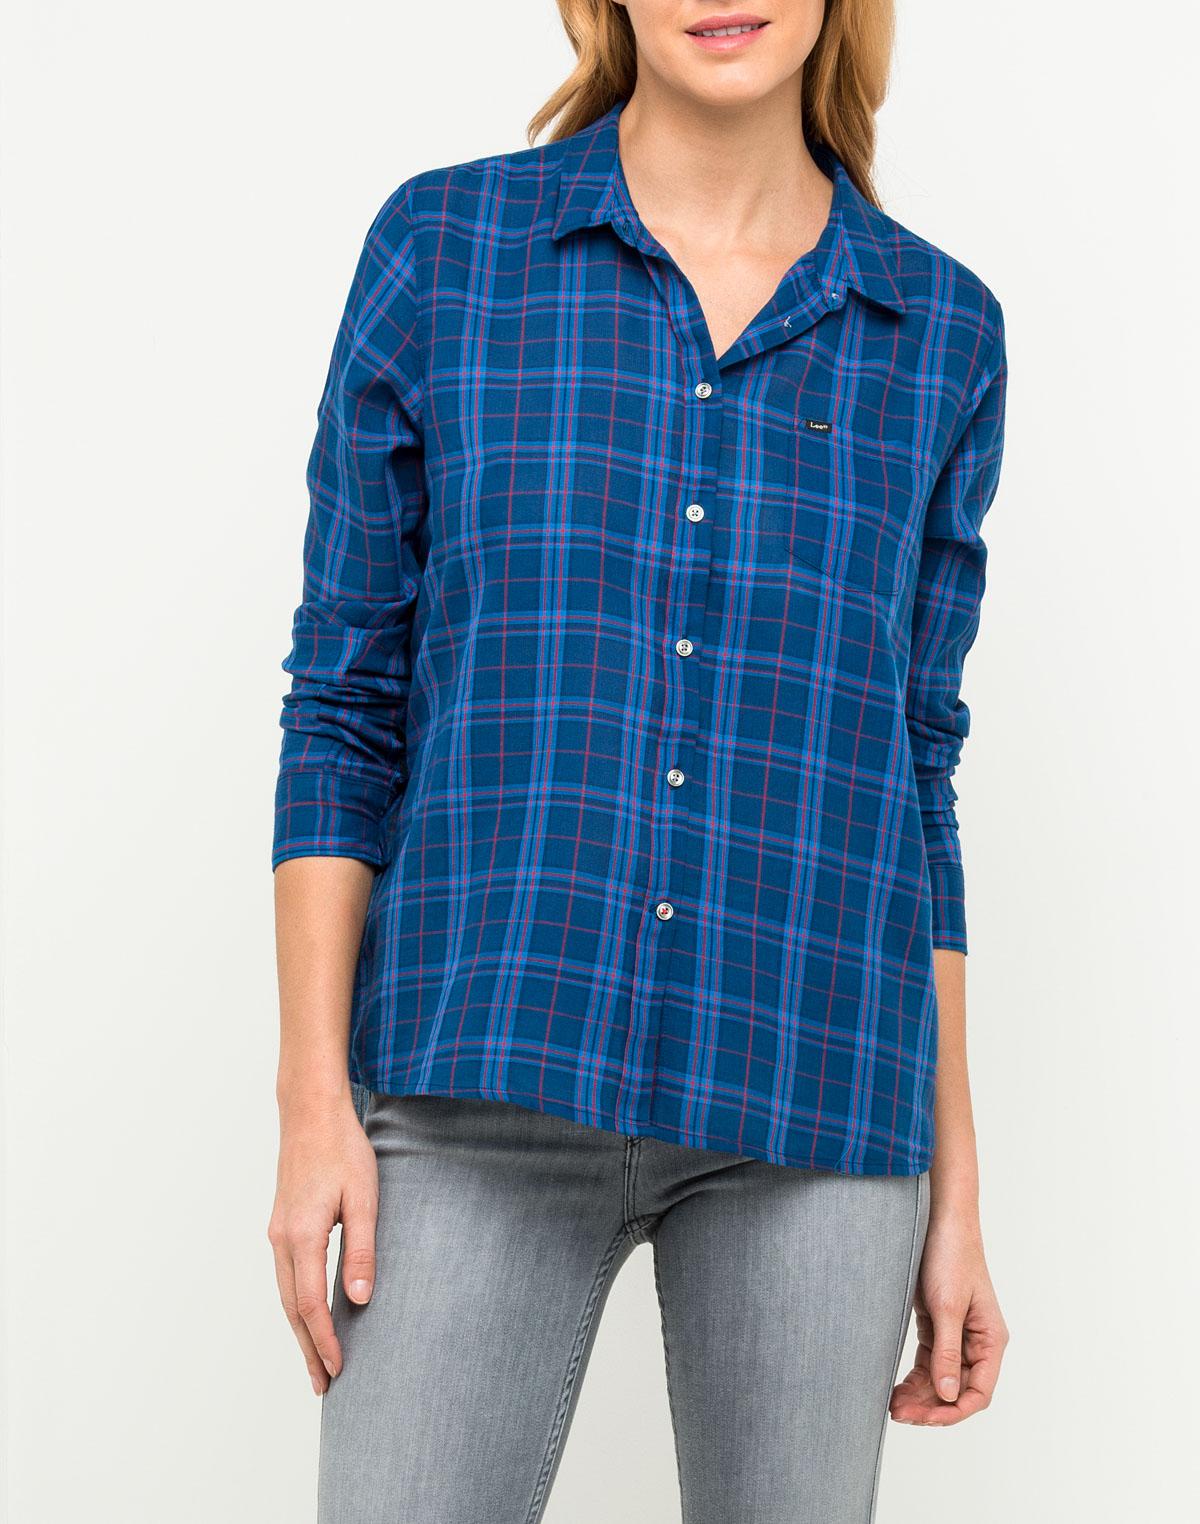 Рубашка женская Lee, цвет: синий. L45RKQFE. Размер S (42)L45RKQFEСтильная женская рубашка Lee, выполненная из натурального хлопка, подчеркнет ваш уникальный стиль и поможет создать оригинальный образ.Модель прямого кроя с отложным воротником застегивается на пуговицы и дополнена накладным карманом на груди. Рубашка подойдет для прогулок и дружеских встреч и будет отлично сочетаться с джинсами и брюками, а также гармонично смотреться с юбками.